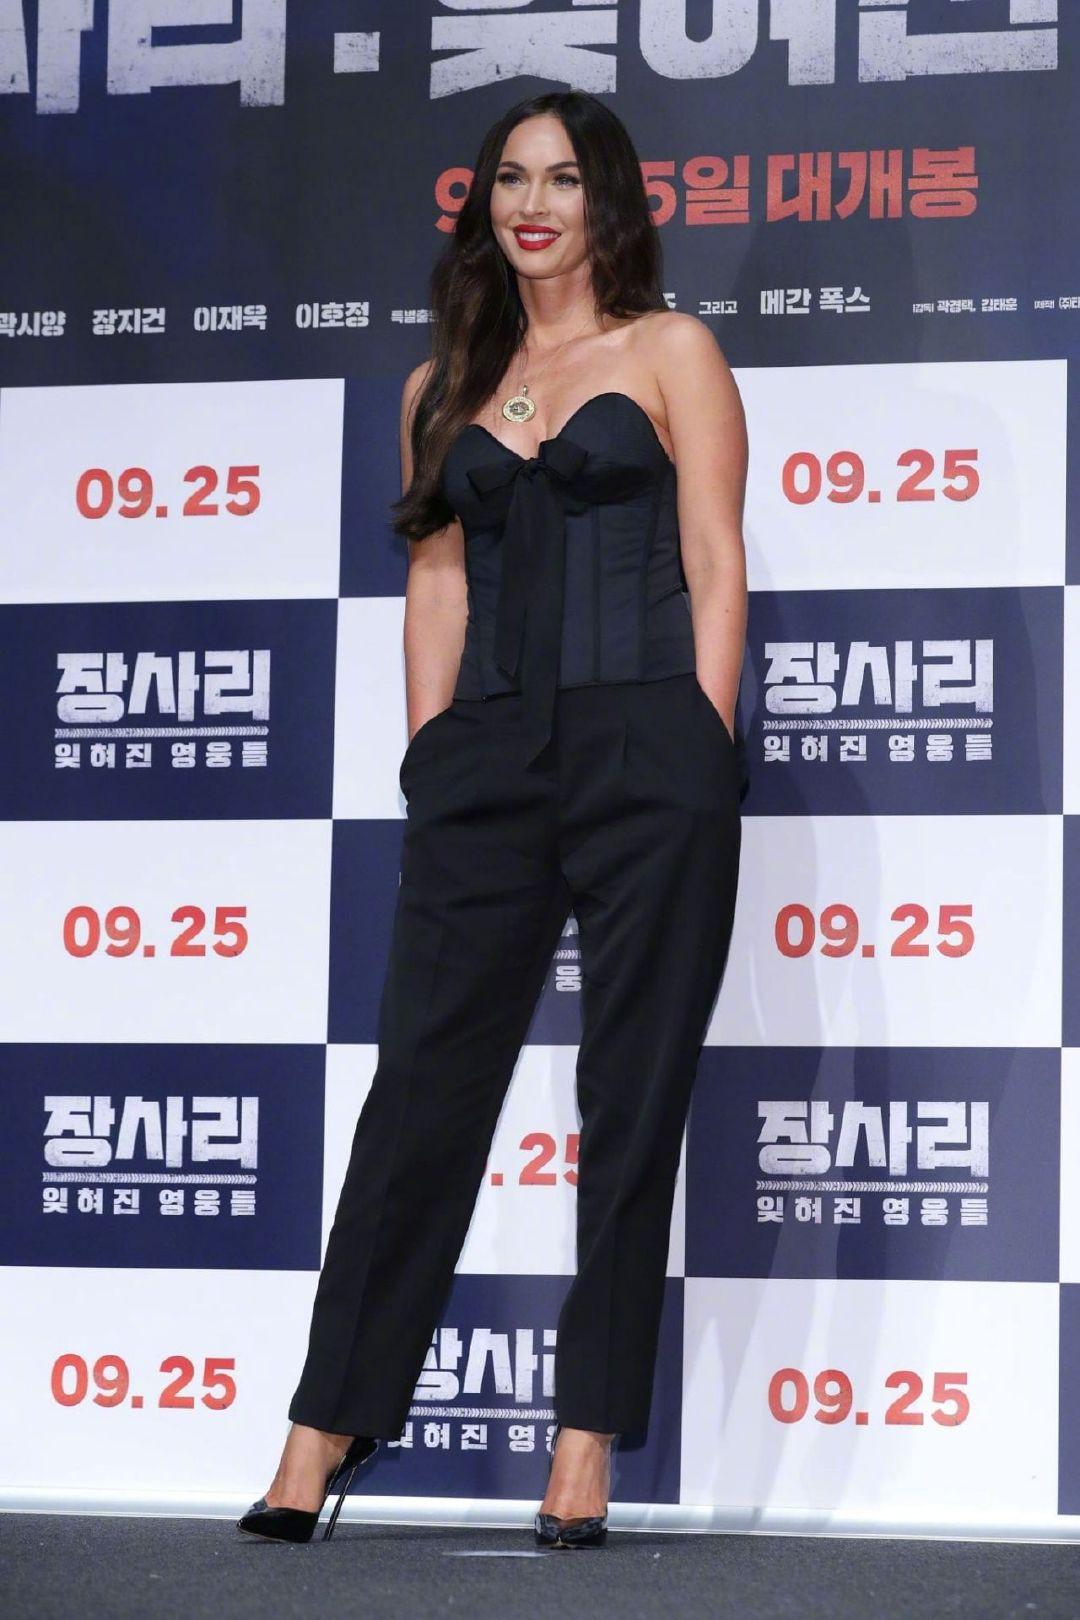 变形金刚女主梅根福克斯回归大众视野亮相韩国首尔